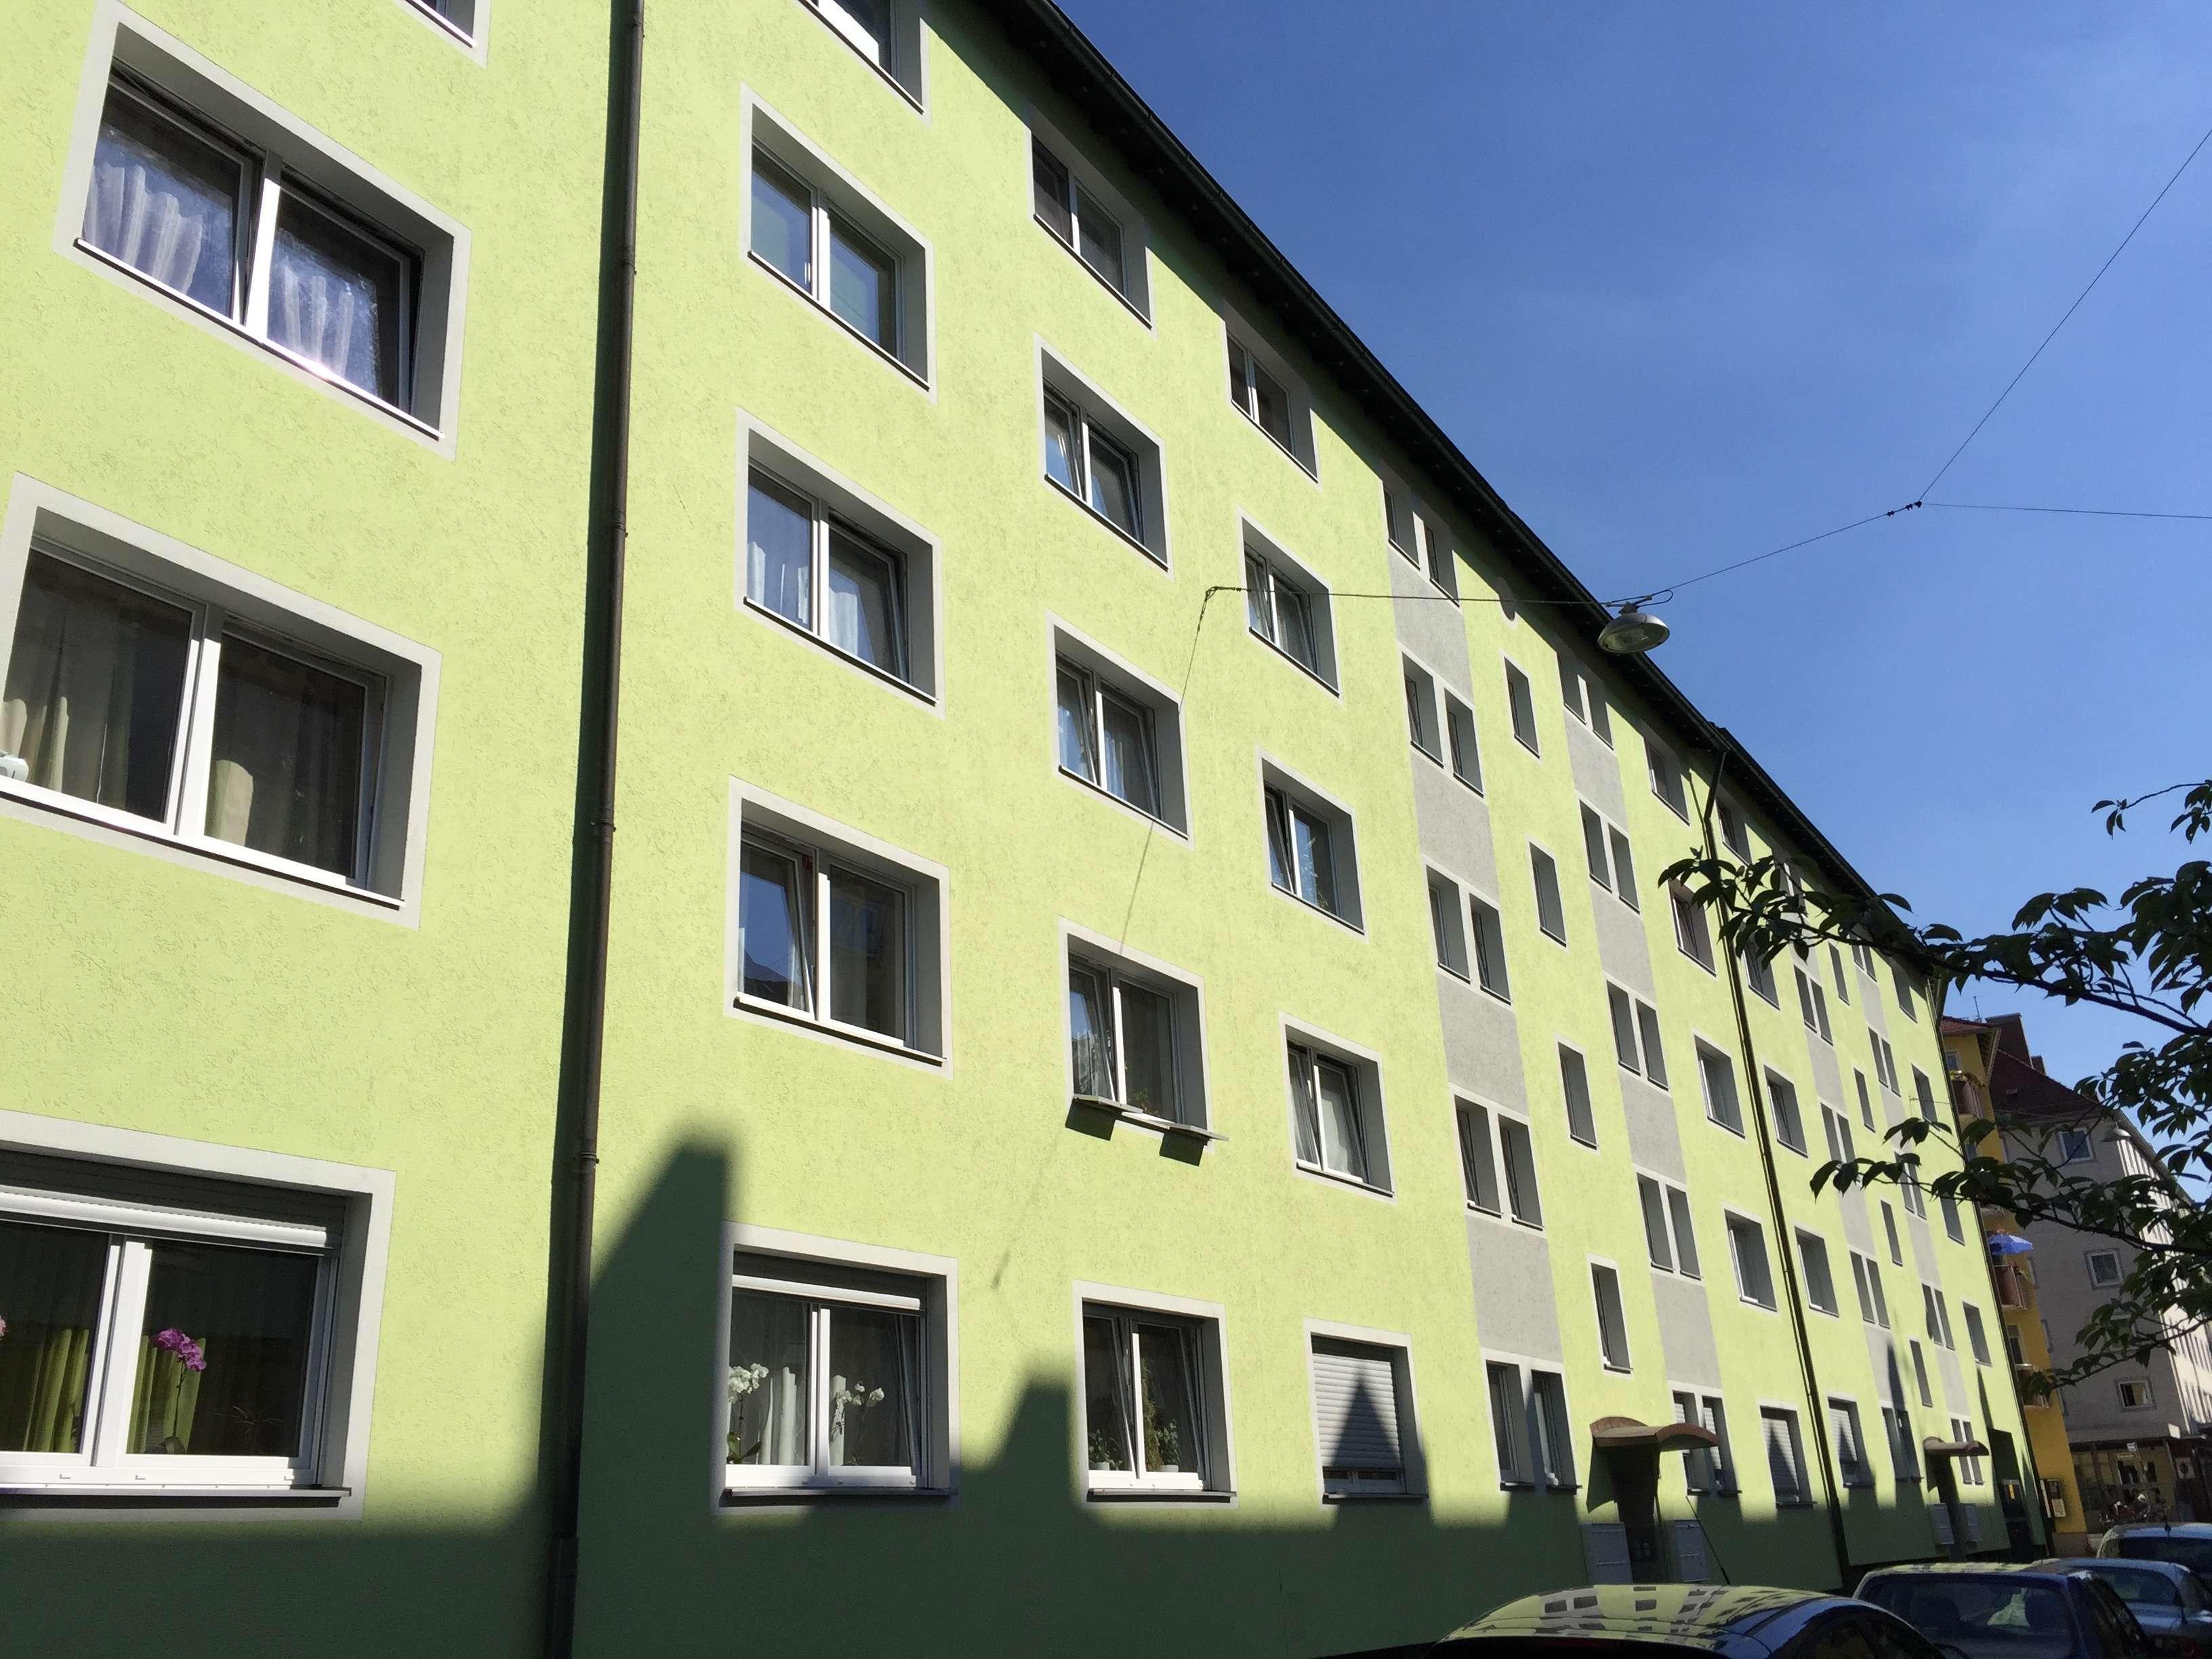 3-Zimmer-Wohnung ab sofort zu vermieten in